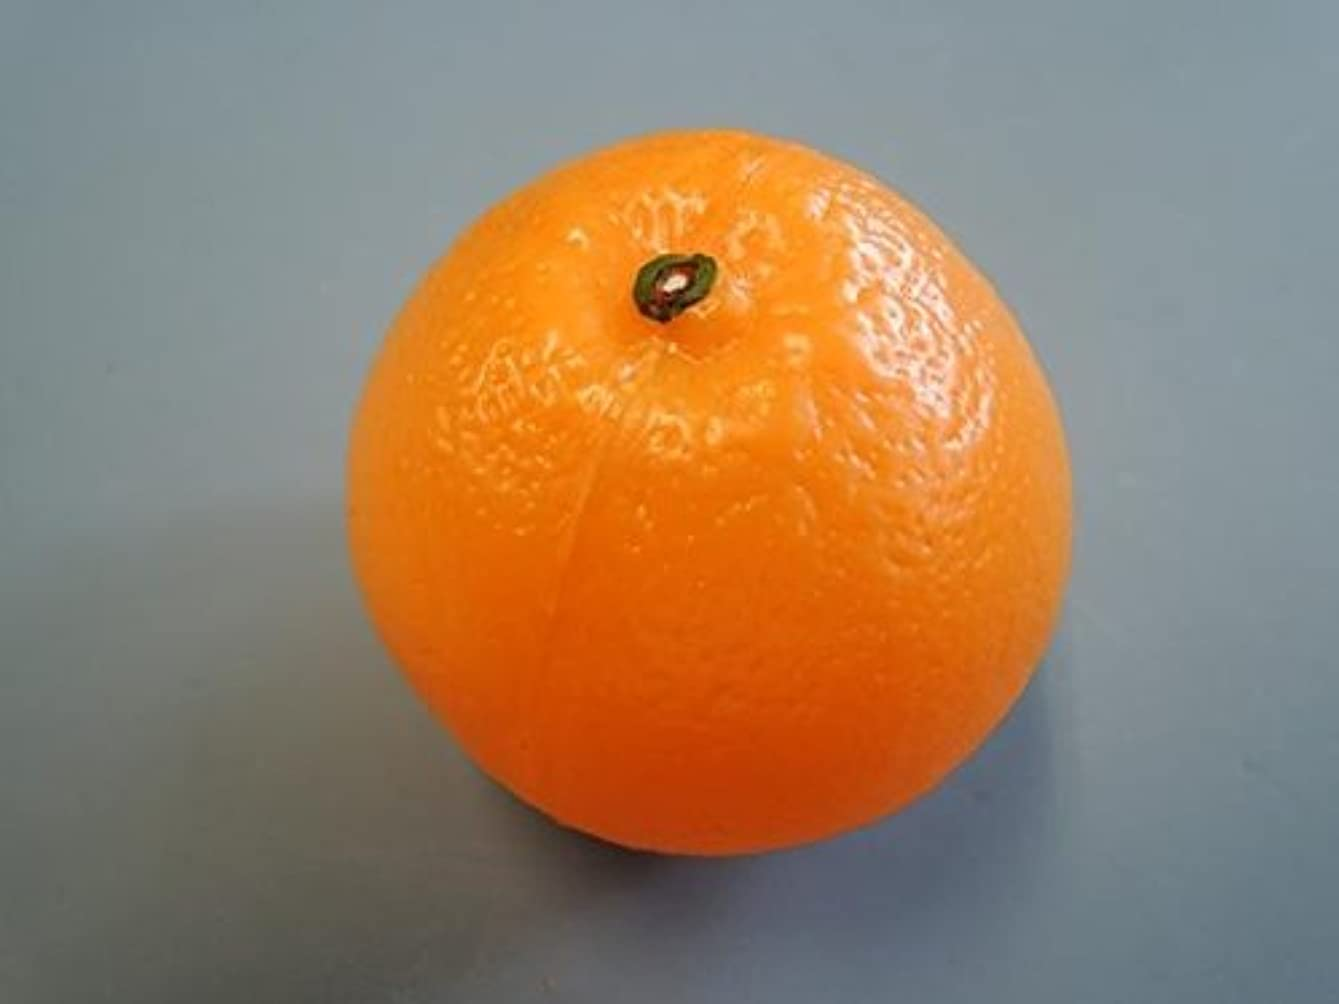 忌避剤不一致ウルル日本職人が作る 食品サンプル オレンジ IP-350